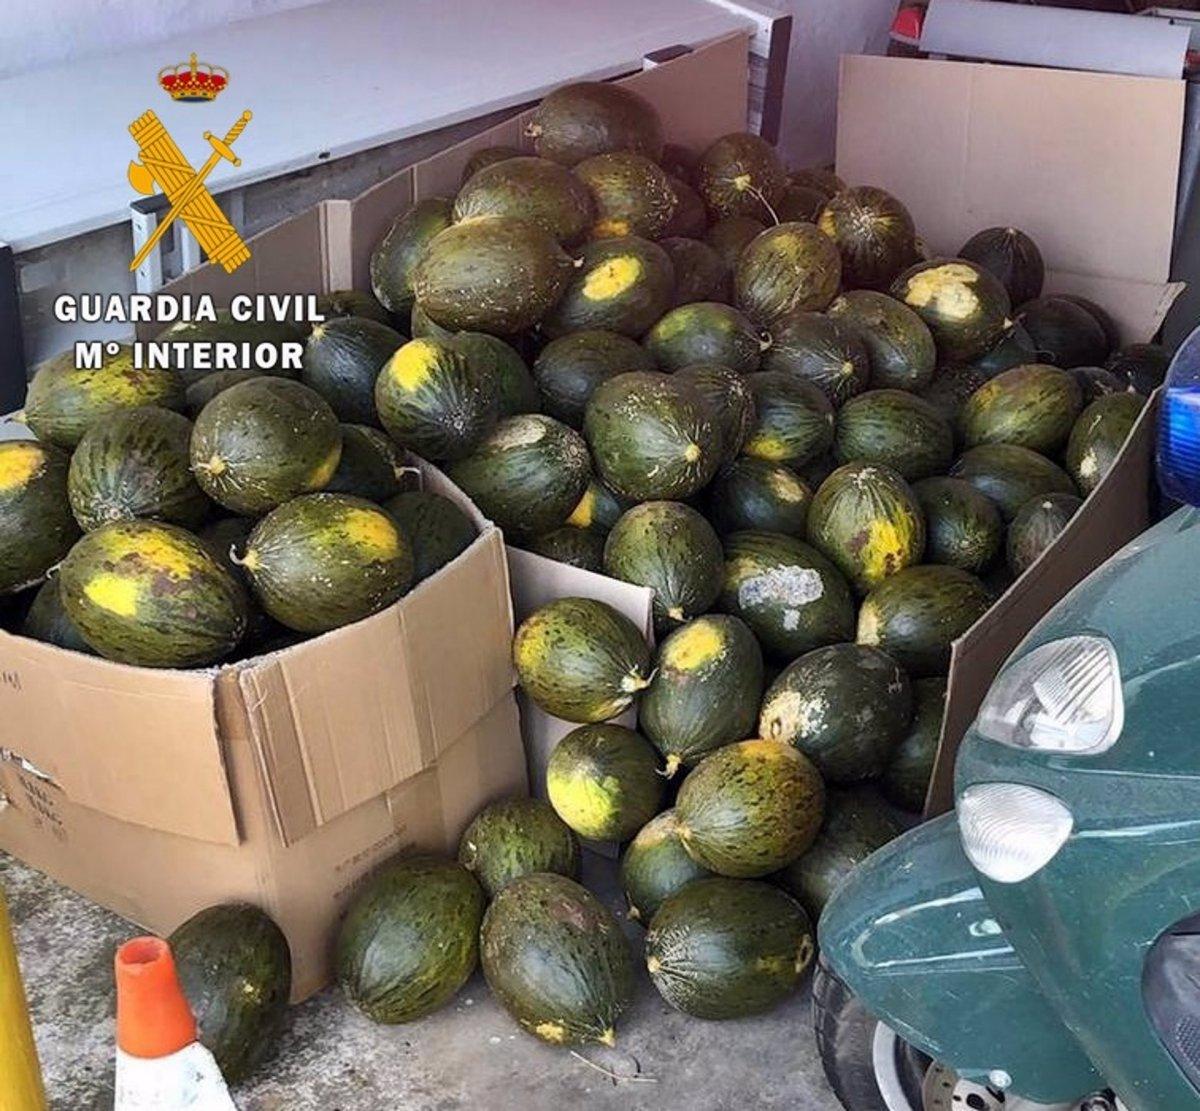 Cinco investigados por robar más de una tonelada de sandías y melones en Guadiana